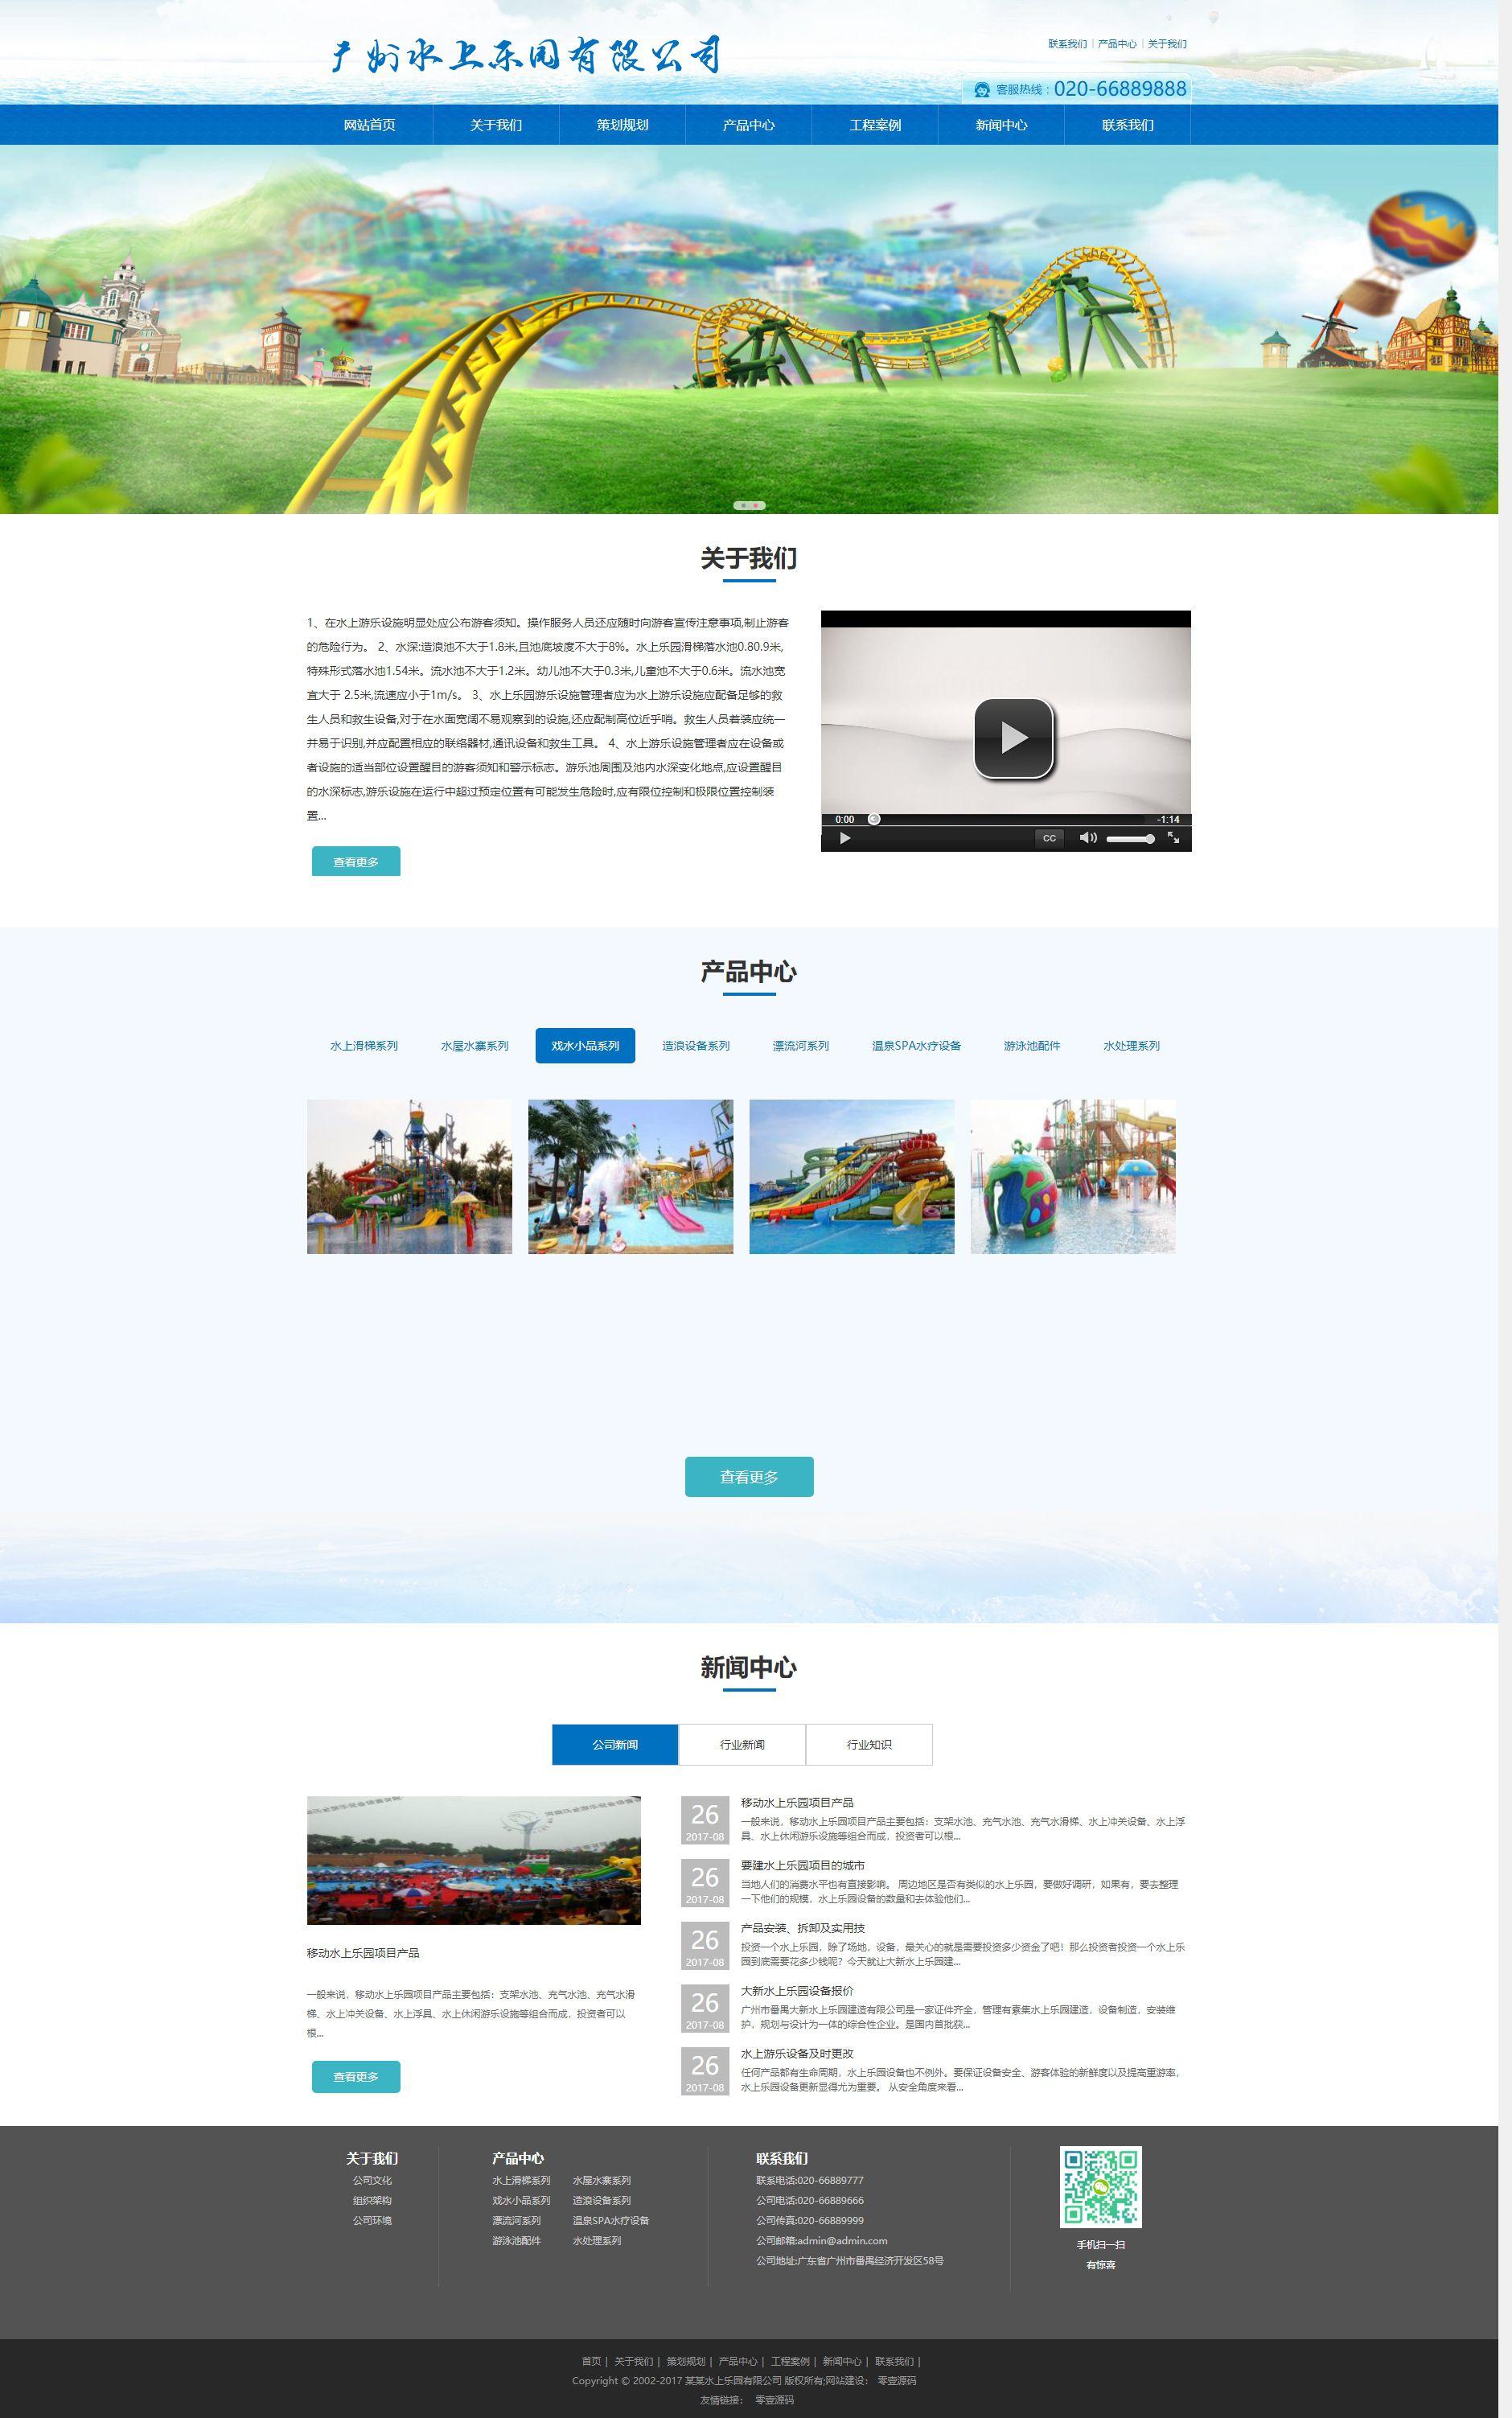 响应式水上乐园设备类网站织梦dedecms模板(自适应手机端)